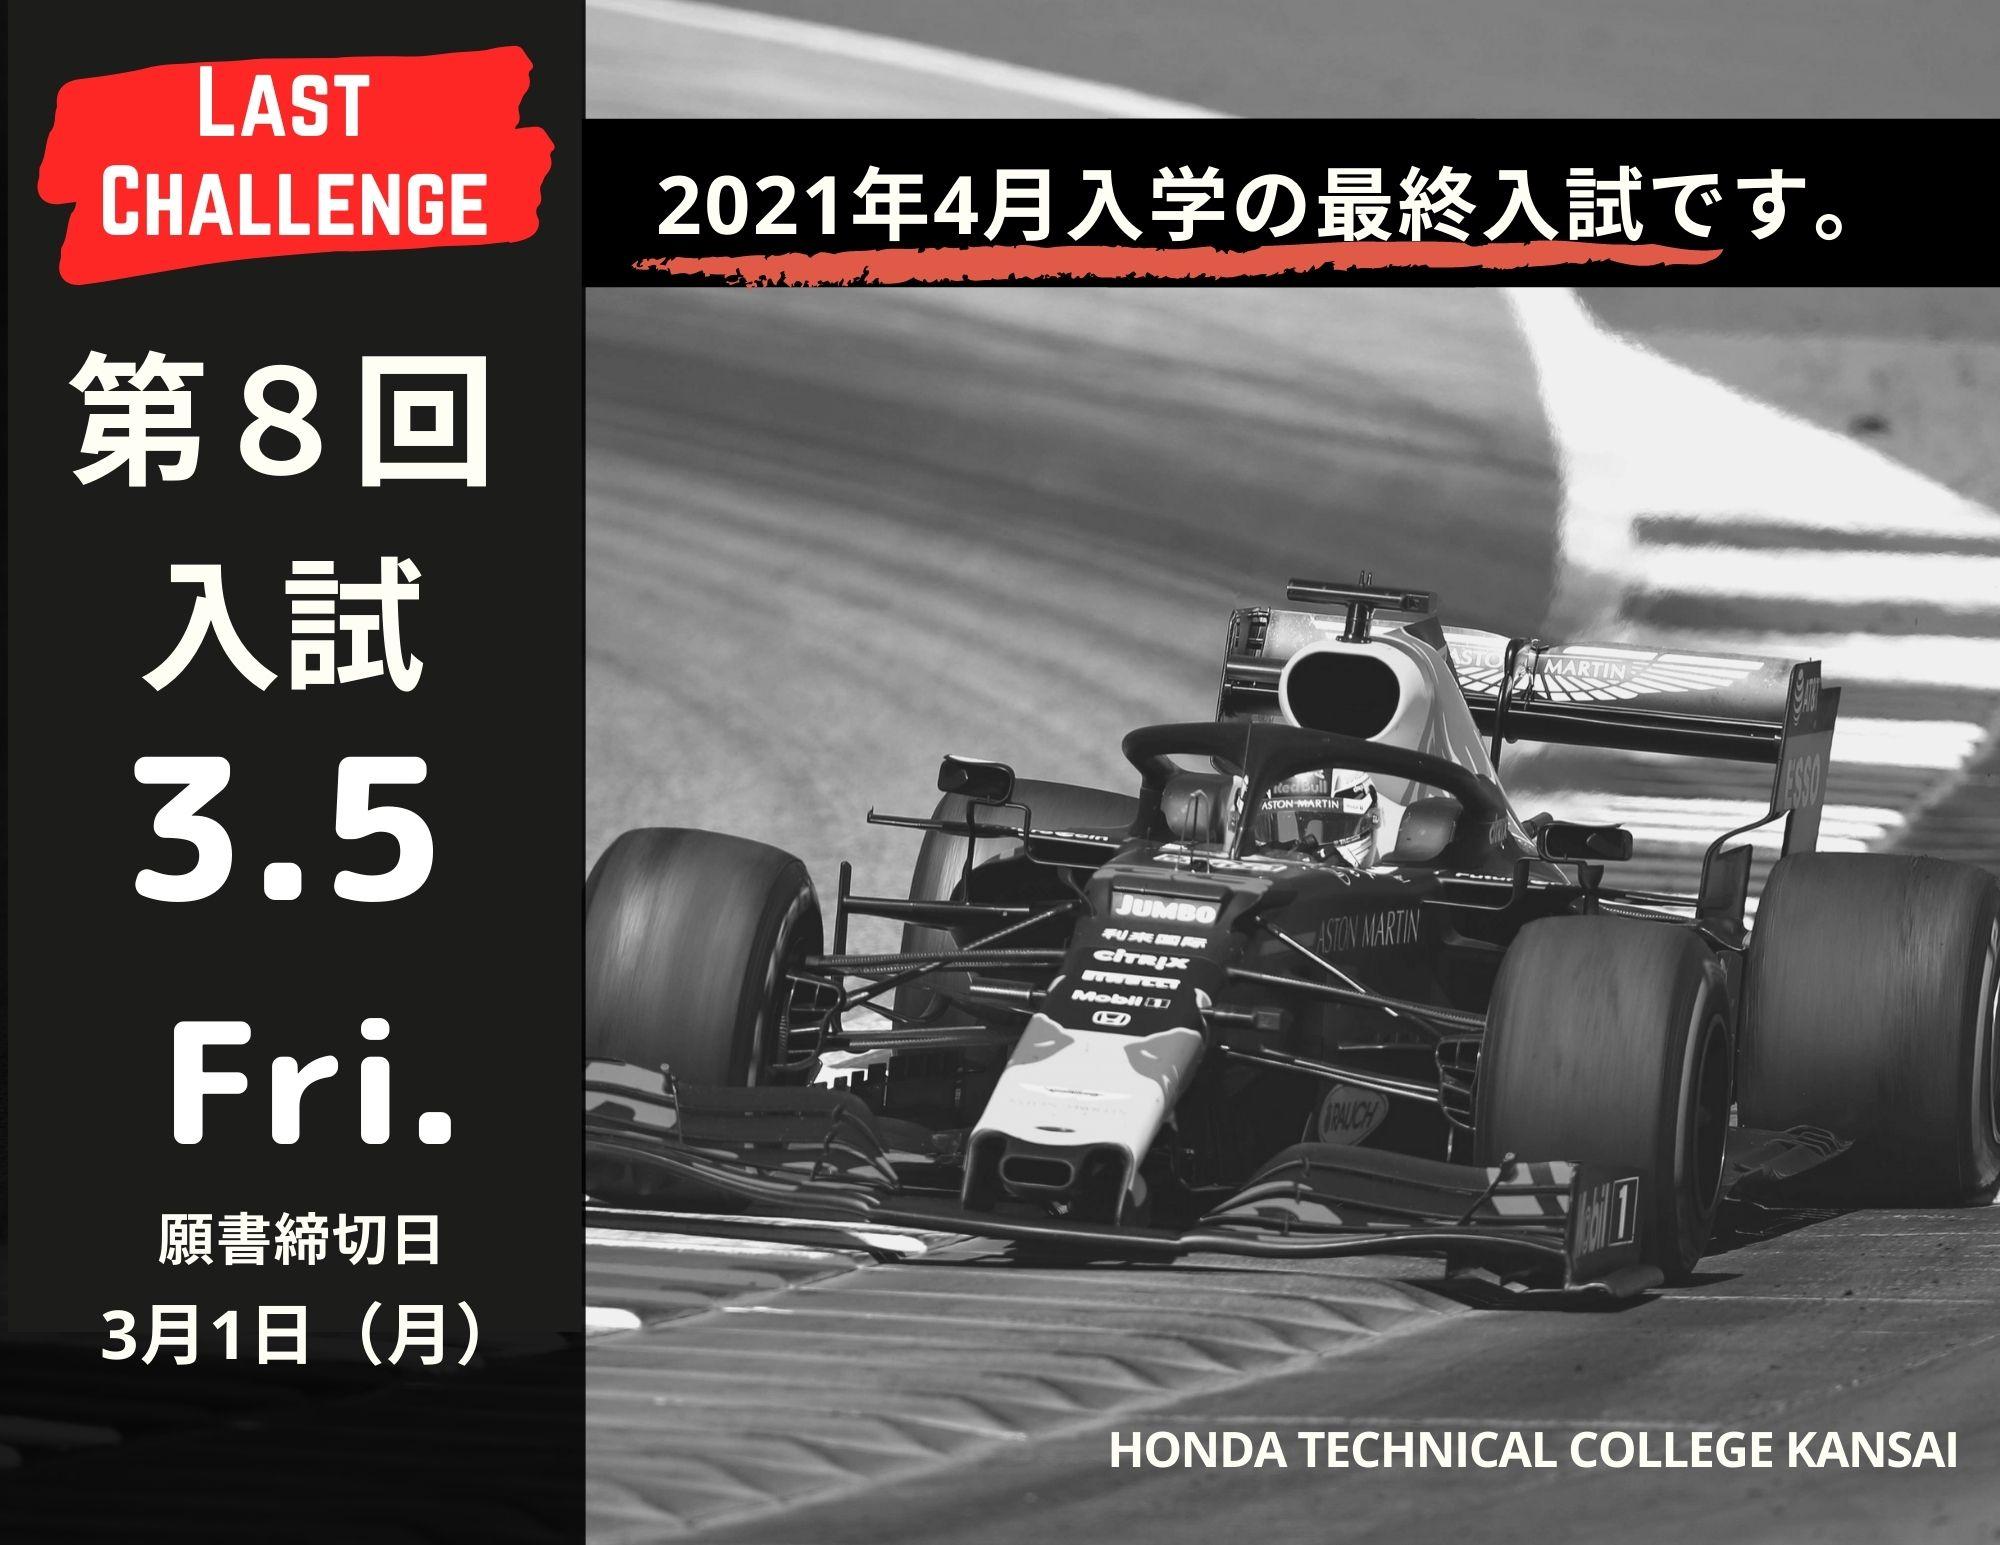 【最終入試】第8回入試は3月5日(金)開催!